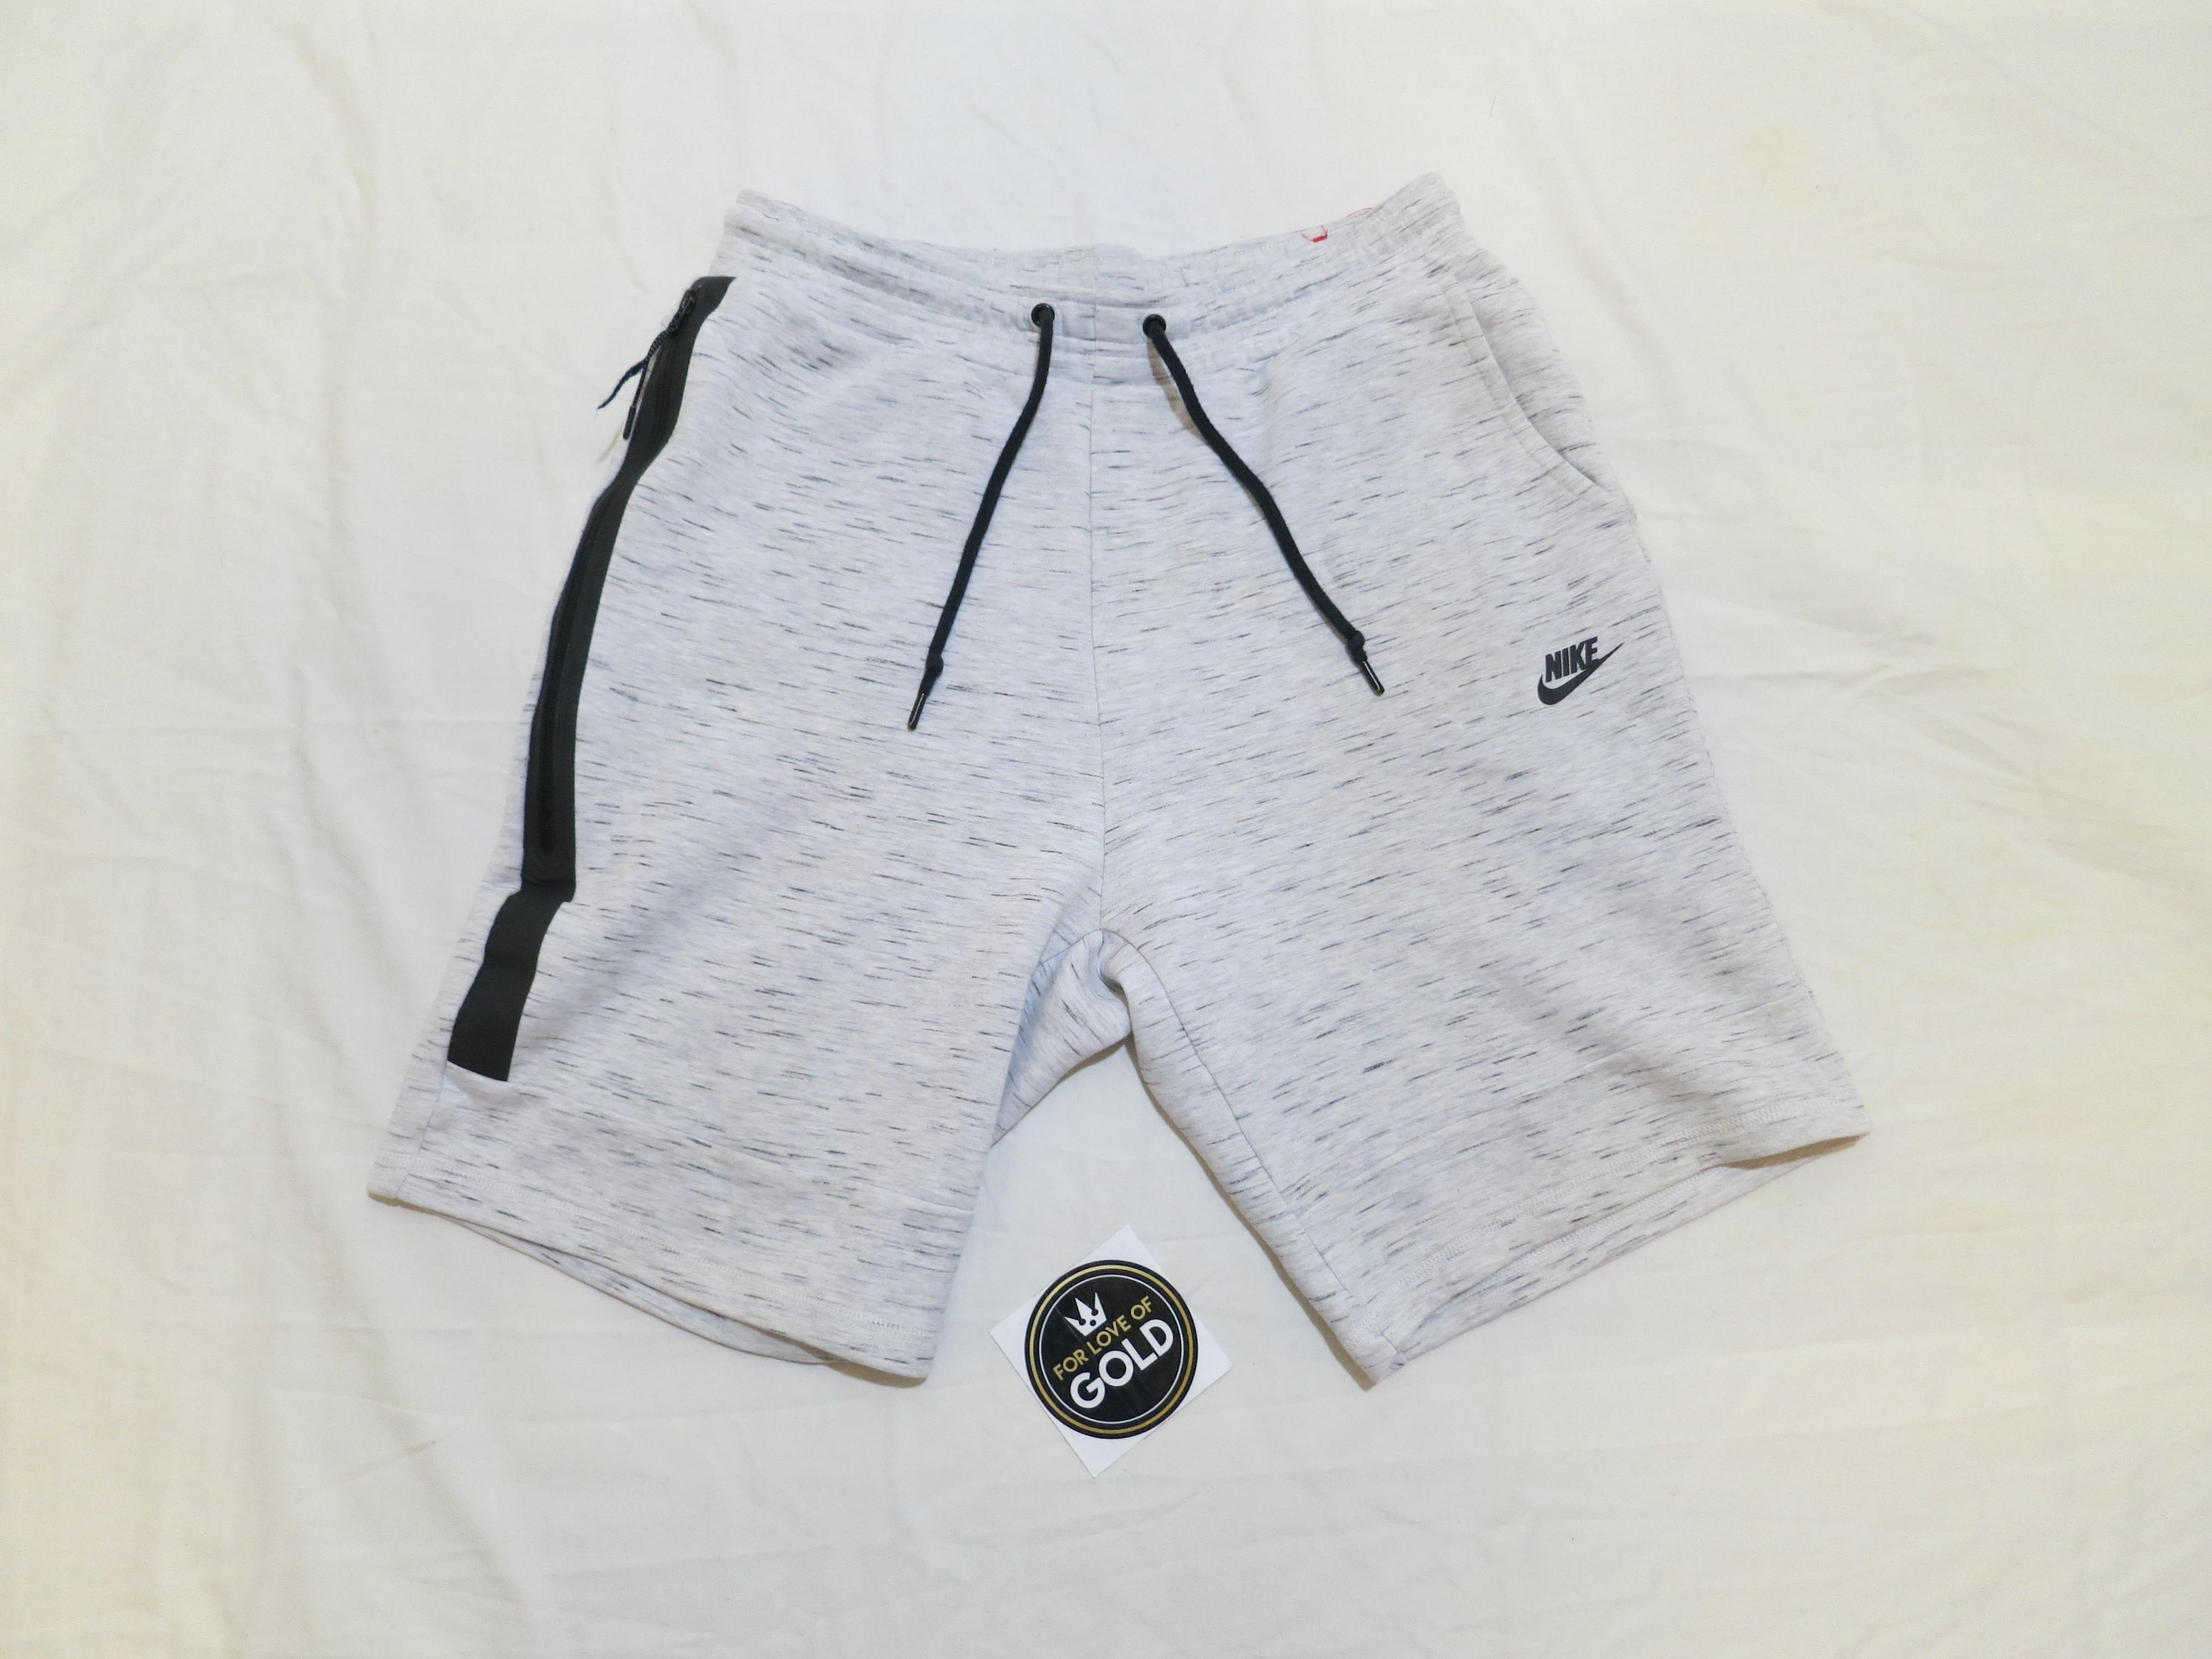 Nike Size L Nike Tech Fleece Shorts White Black Grailed